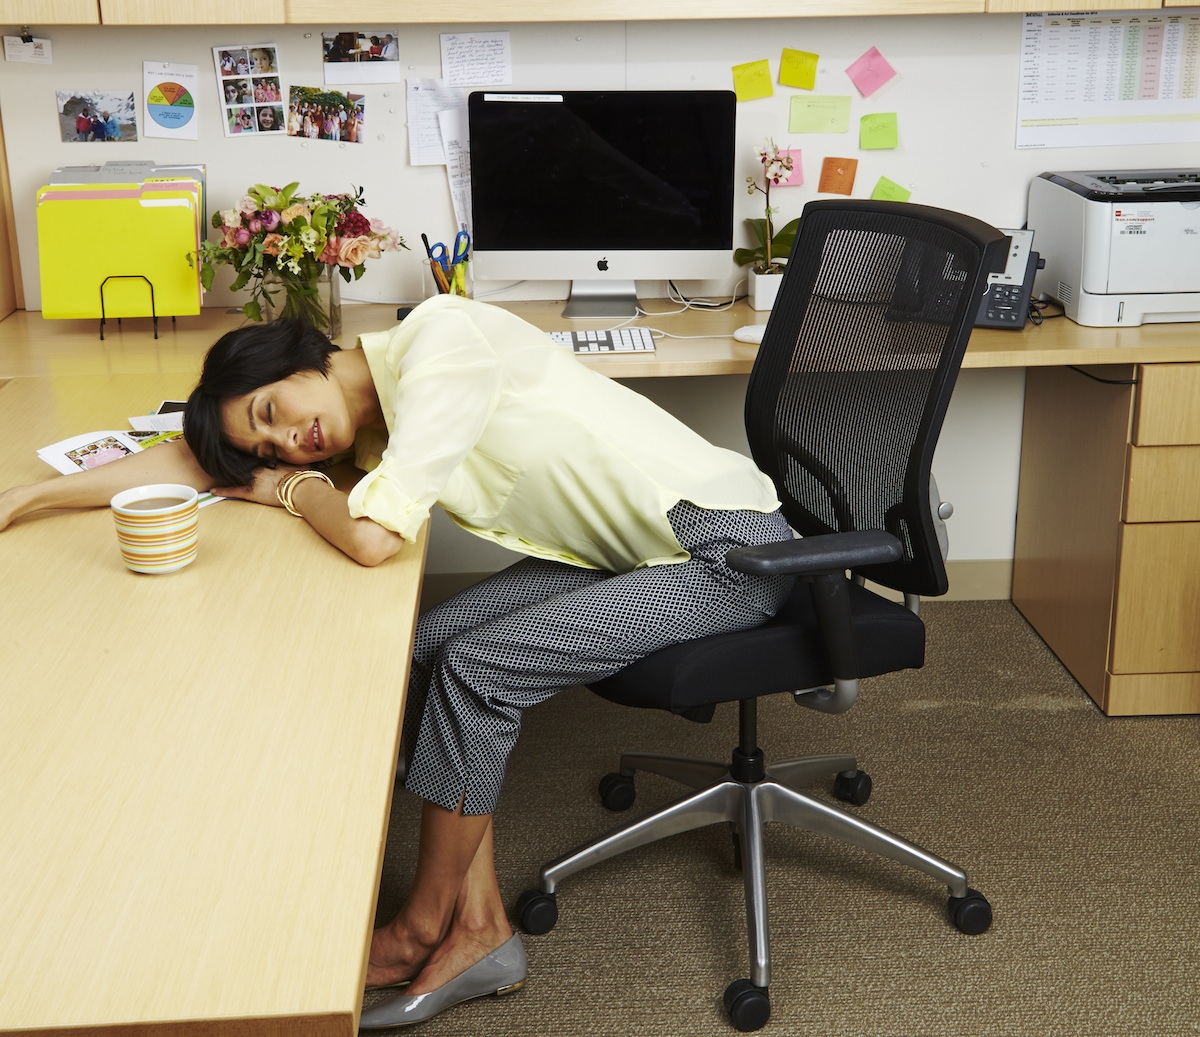 ExhaustedWoman.jpg